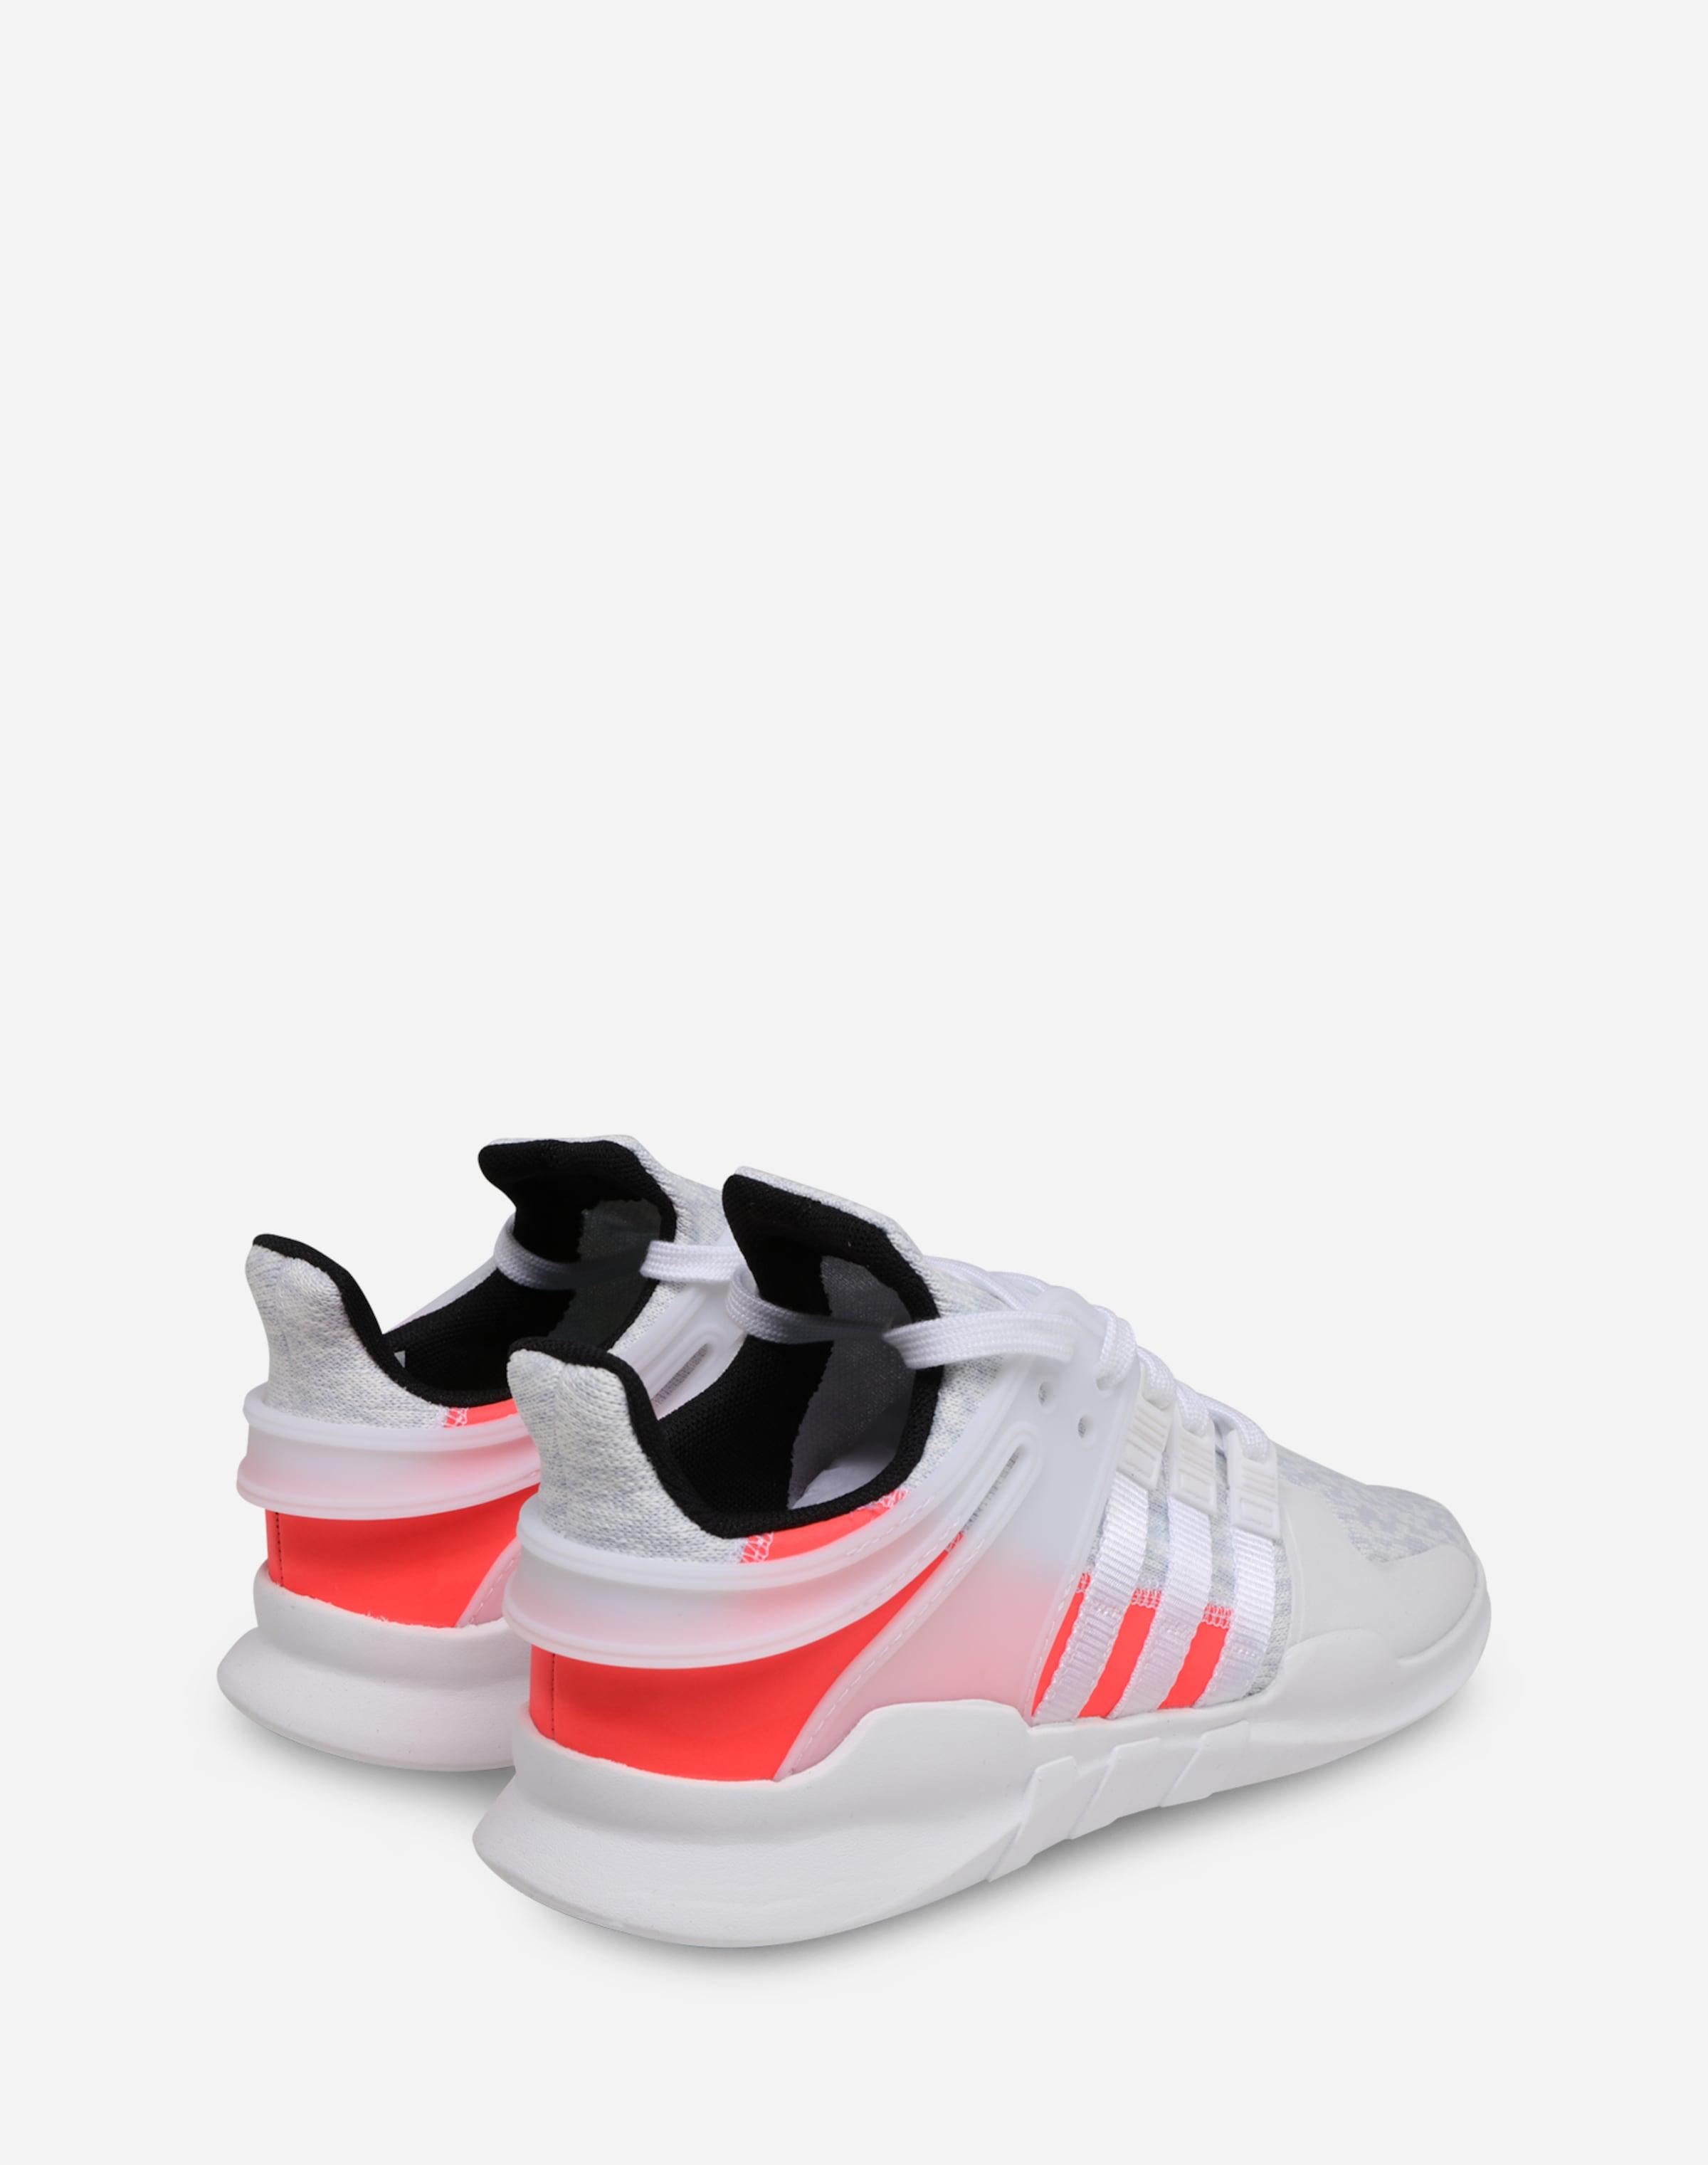 ADIDAS ORIGINALS Sneaker 'Support' Große Überraschung Online Neueste Günstig Online Auslass Niedriger Versand Auslass Veröffentlichungstermine dPbk8EUyZ